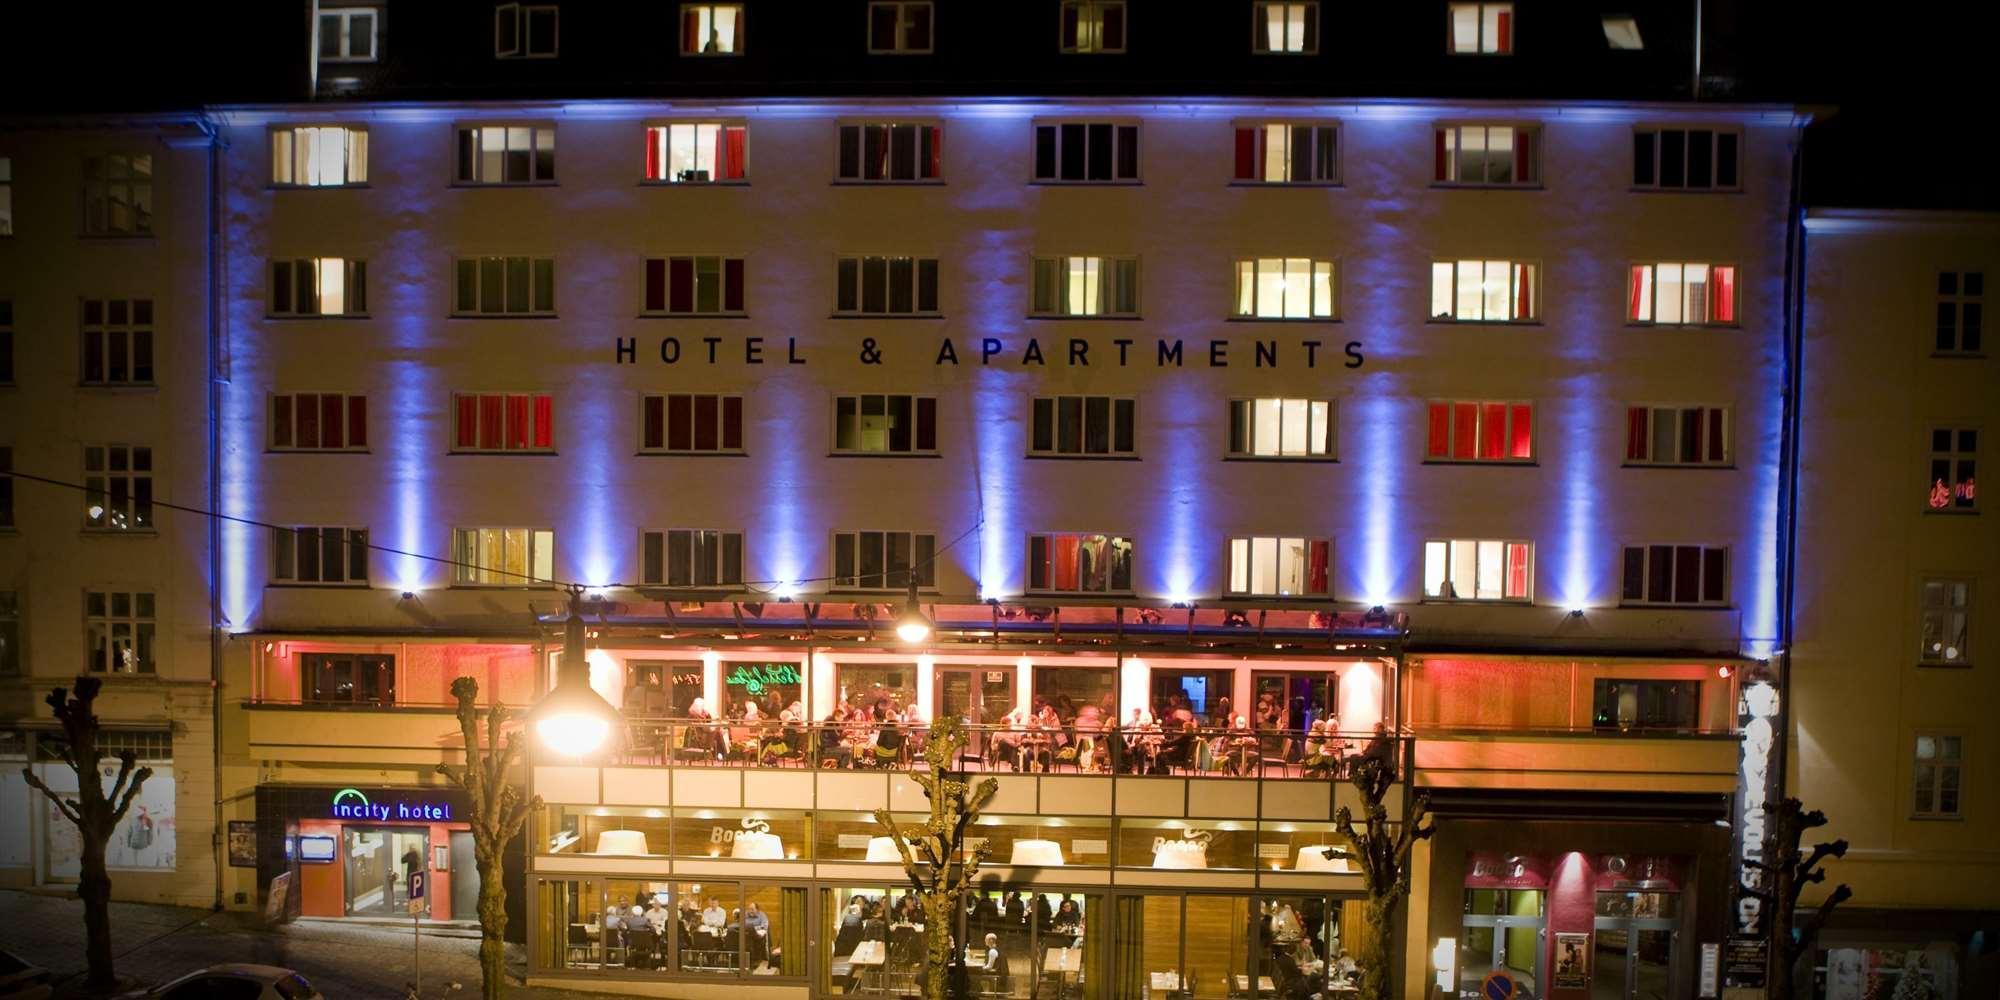 Ole Bull Hotel & Apartments - Midt i Bergen Sentrum